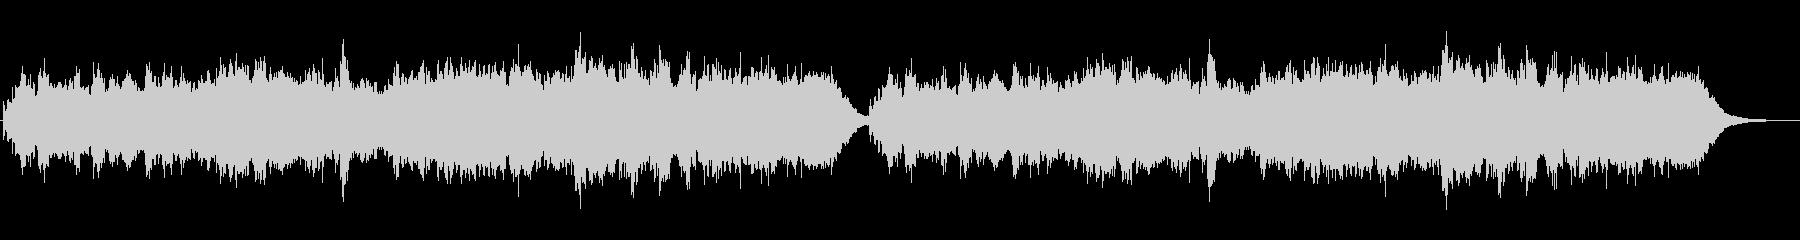 ジブリ風のバグパイプのメルヘンの世界の未再生の波形